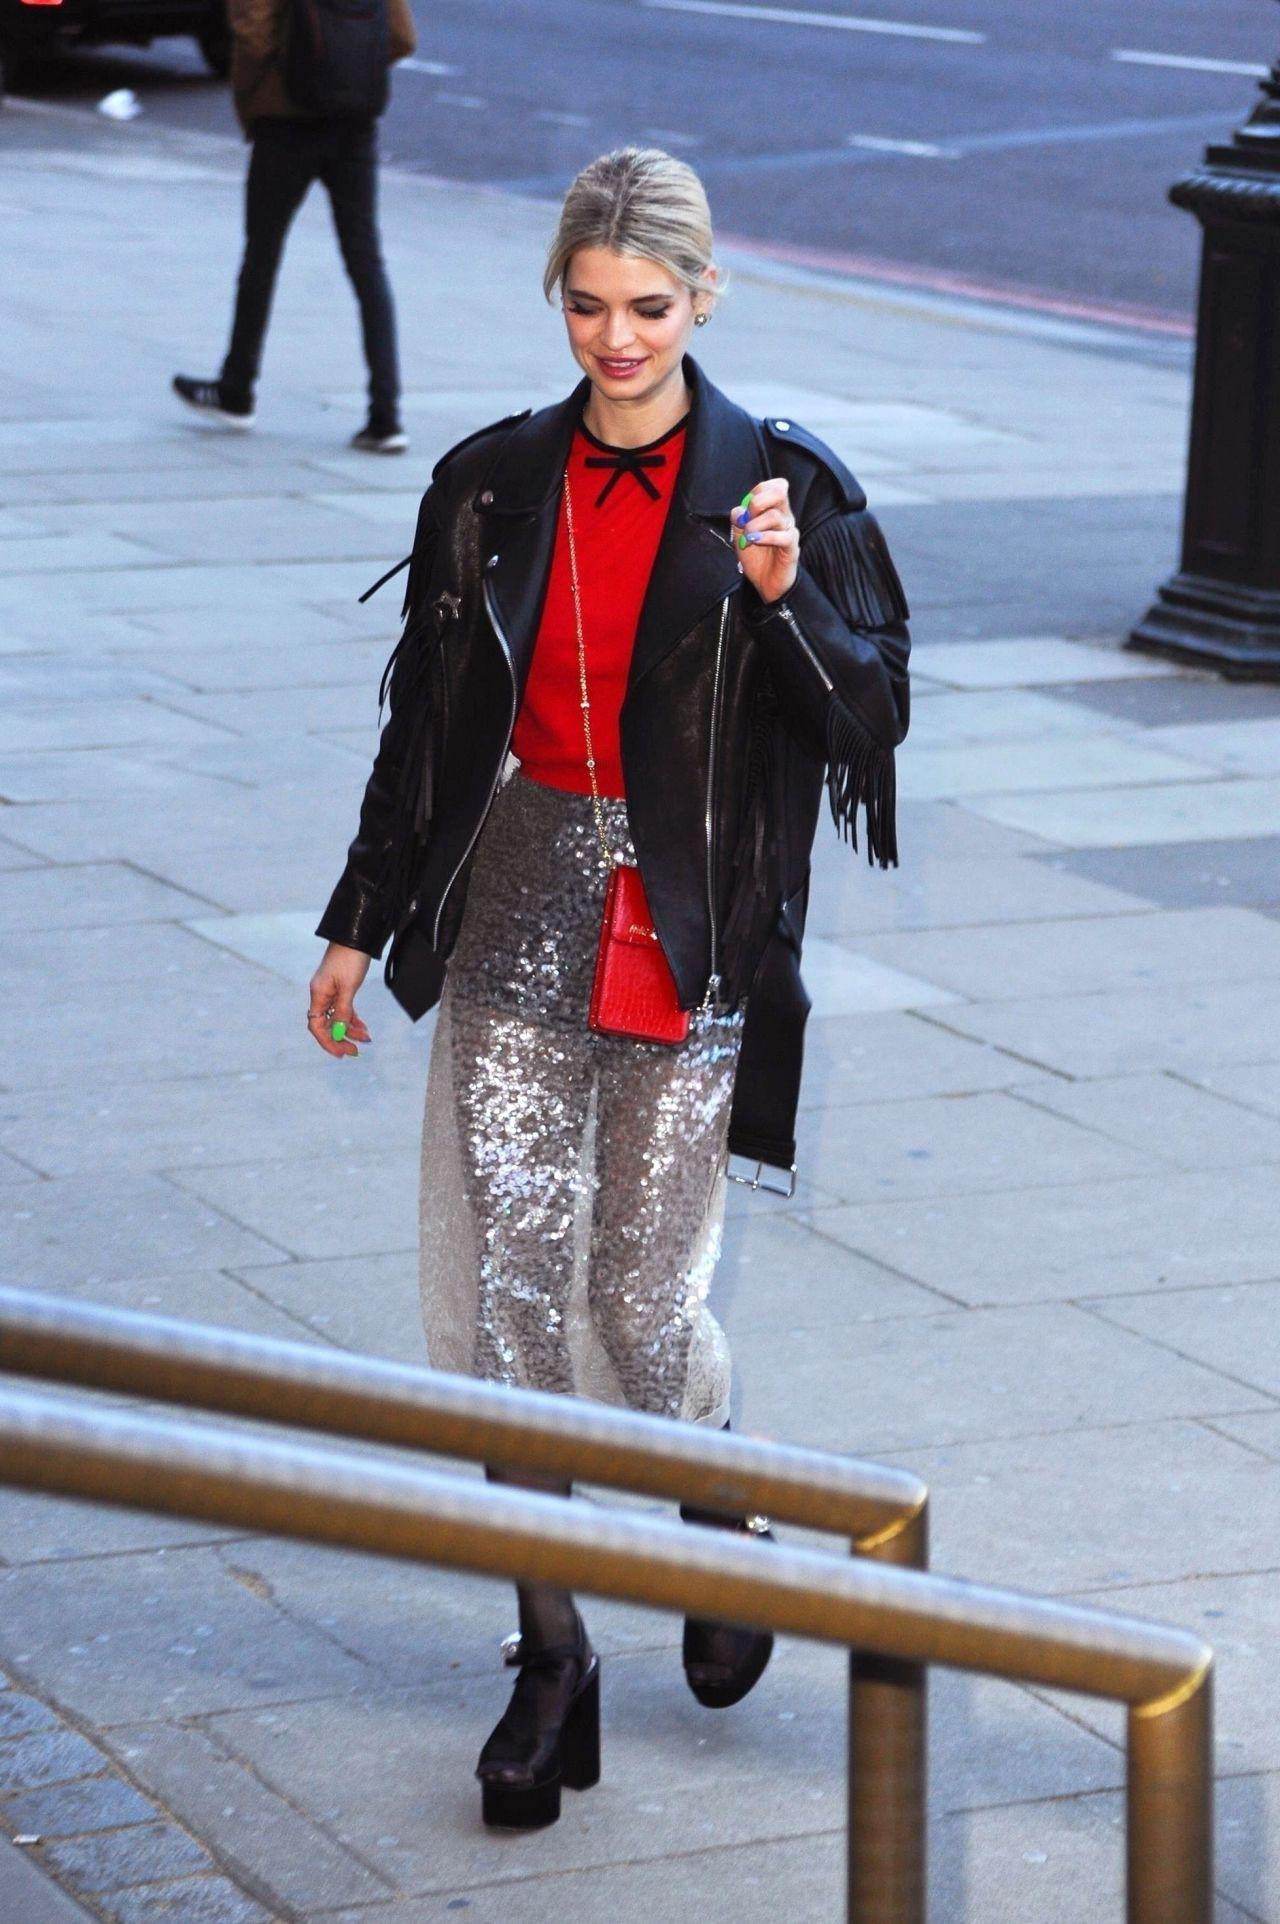 Pixie Geldof  Mary Quant Exhibition in London 04032019